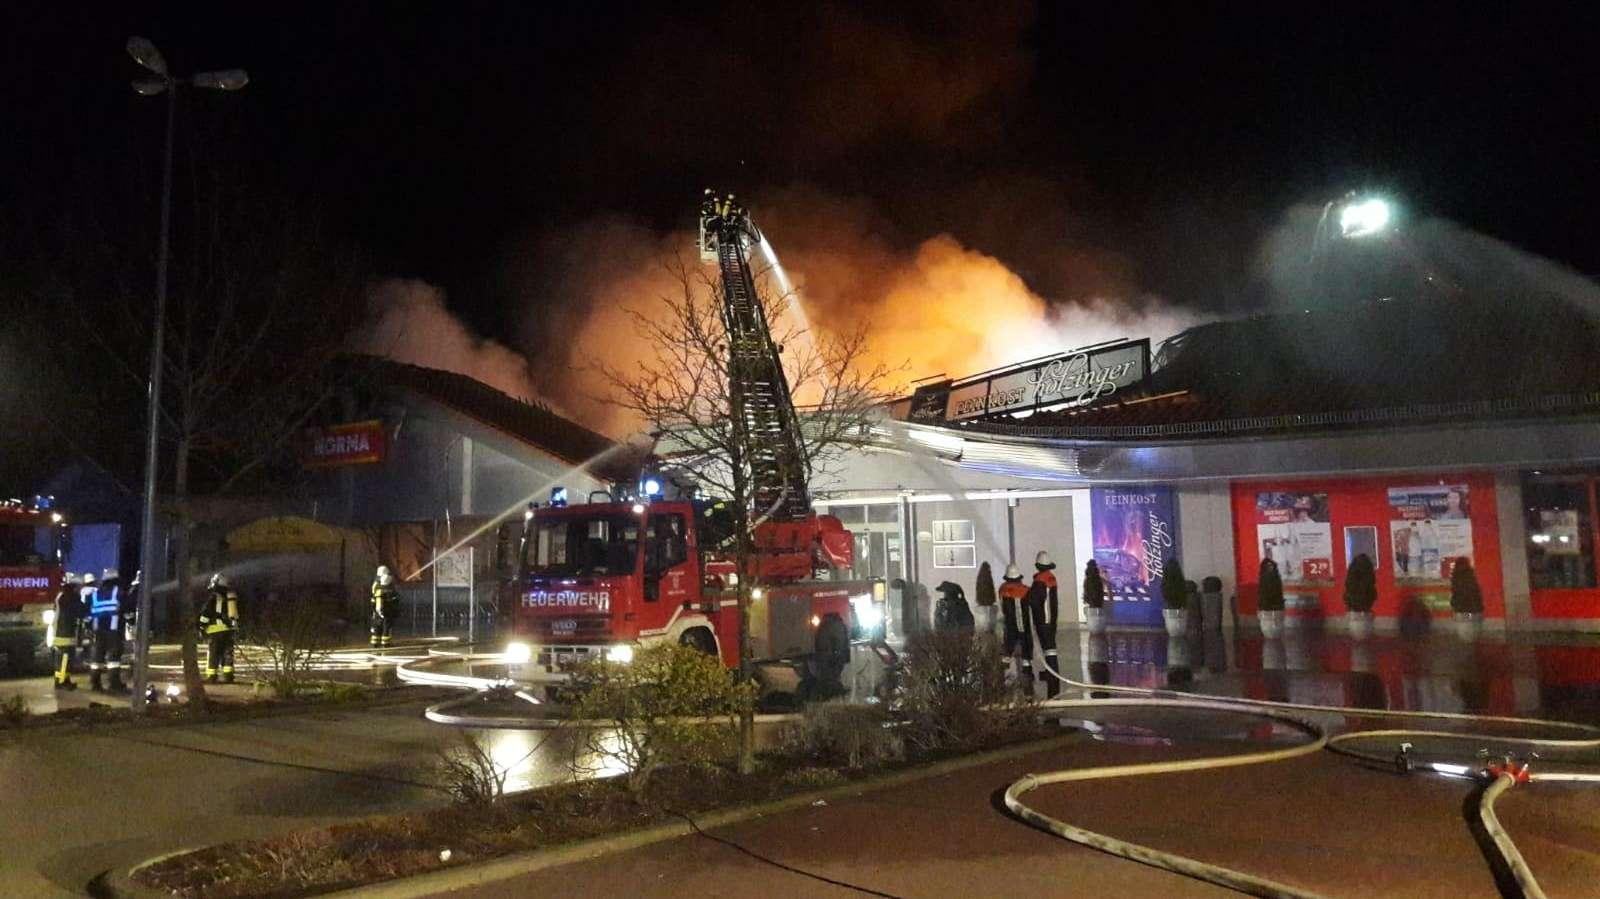 Einsatzkräfte der Feuerwehr beim Löschen des Brands in Bachhofen